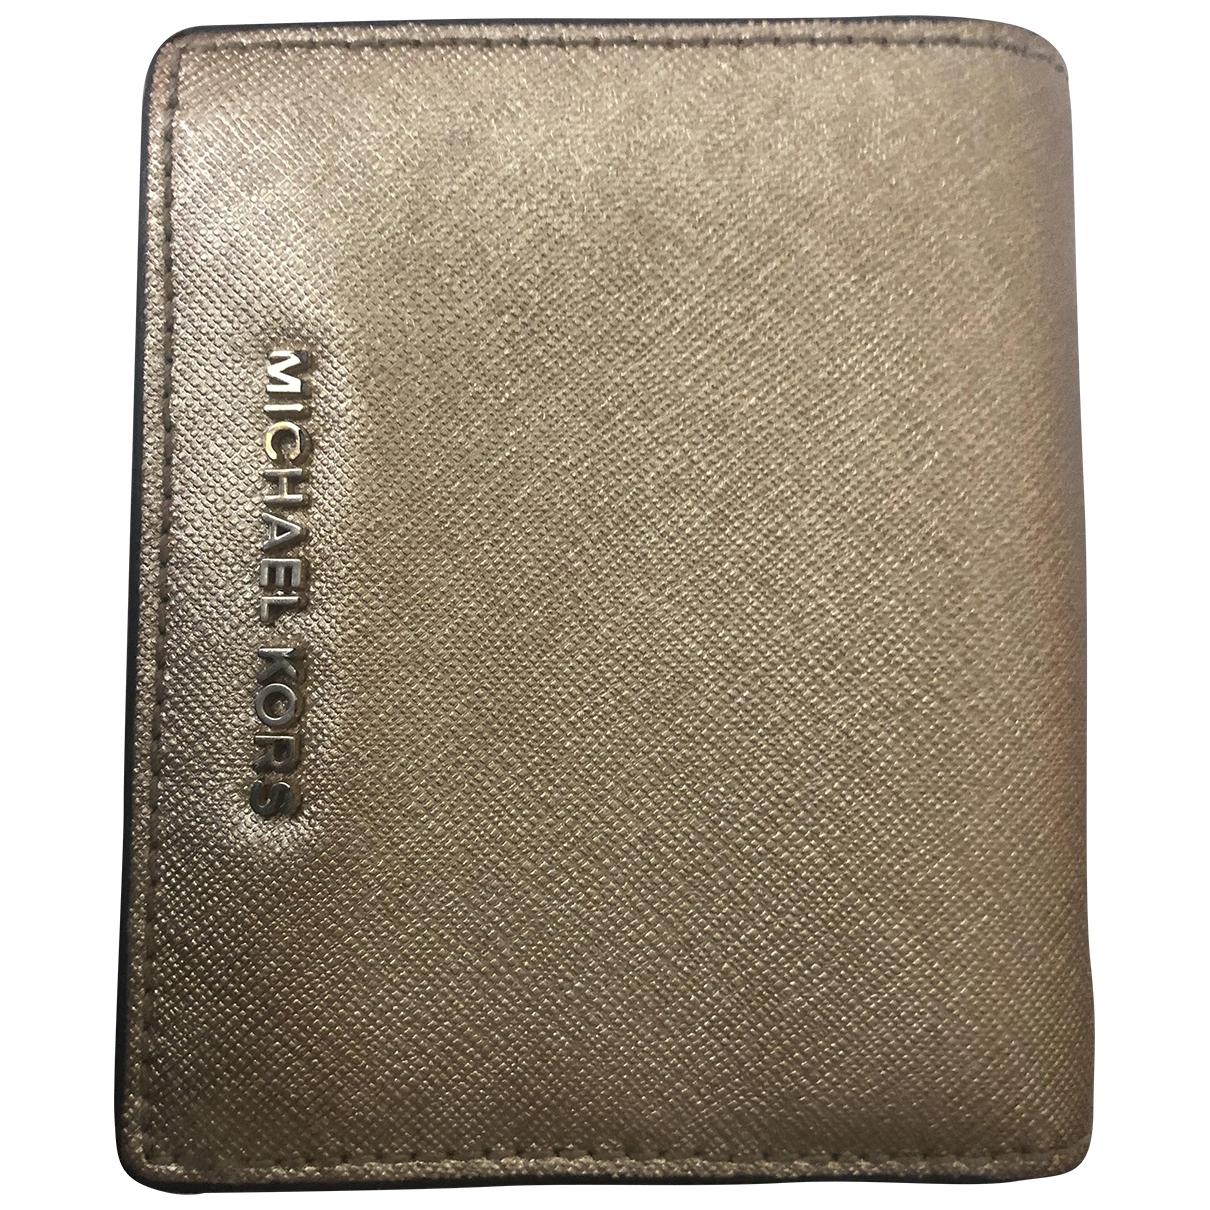 Michael Kors - Portefeuille   pour femme en cuir - dore